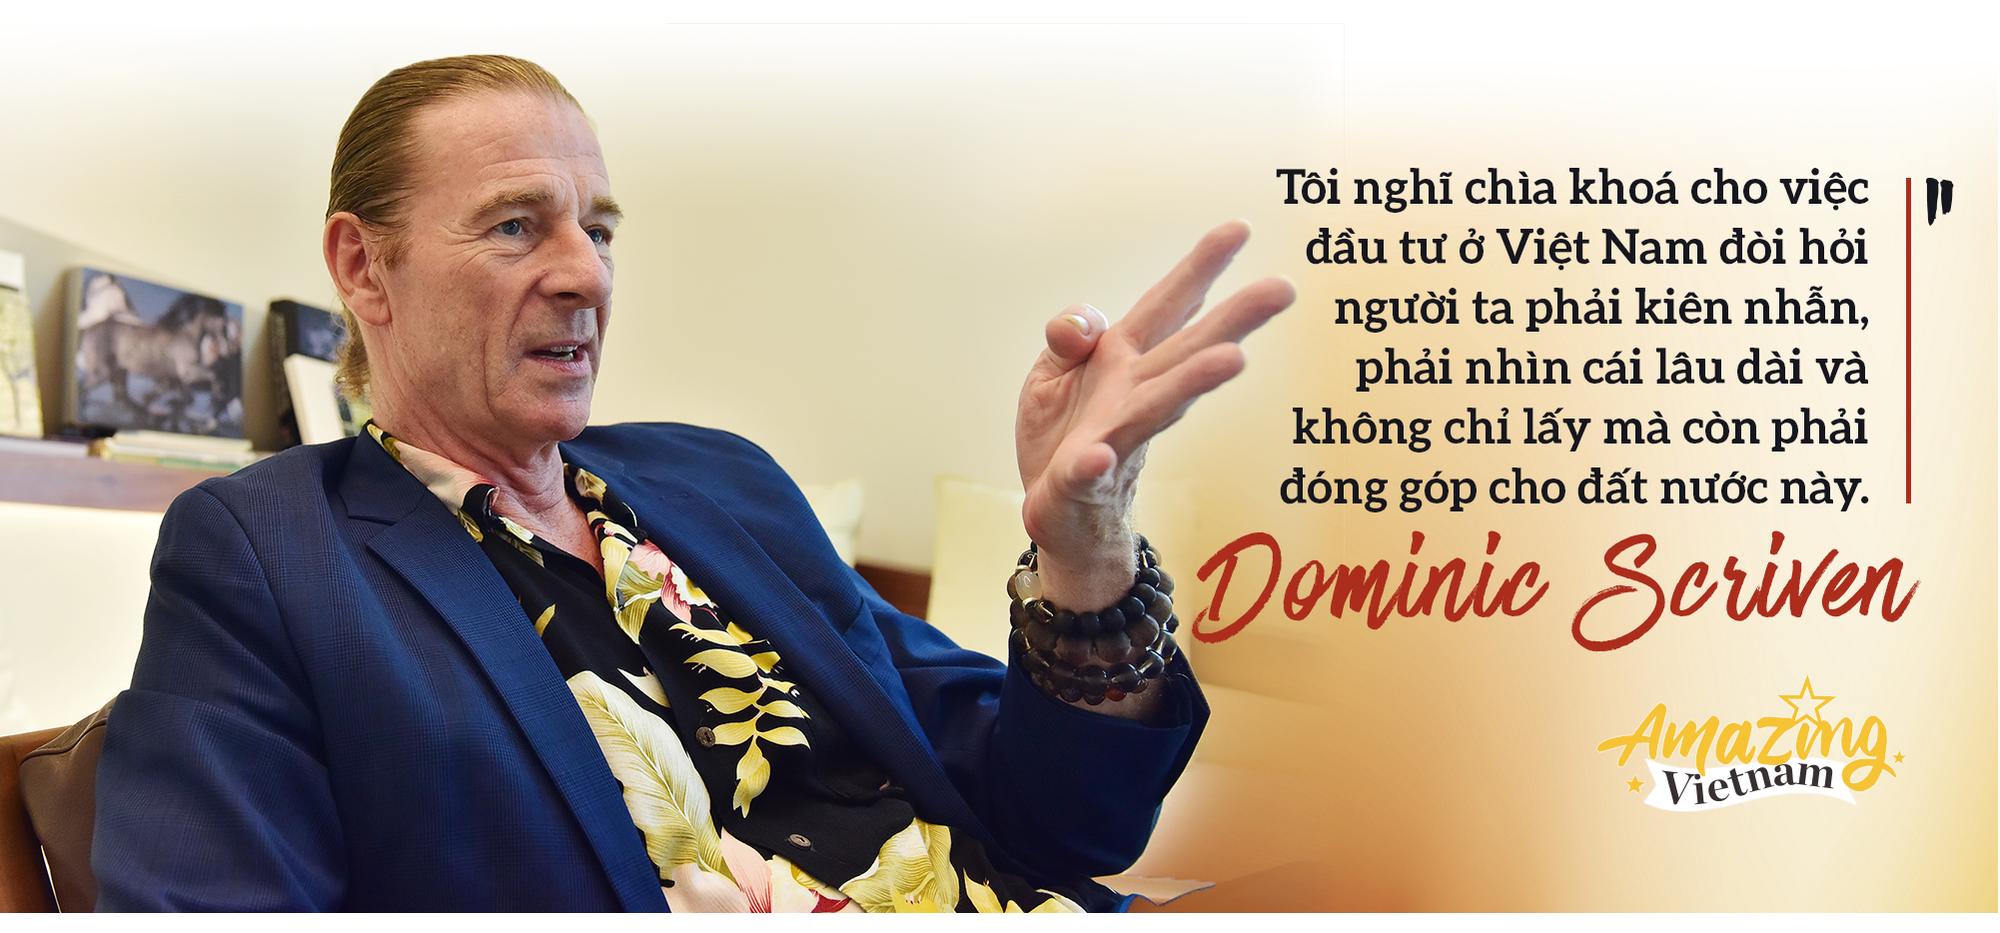 Chuyện chưa kể của Chủ tịch Dragon Capital: Năm nào cũng ăn Tết ở Việt Nam, thích nhất tinh thần lạc quan của người Việt - Ảnh 5.